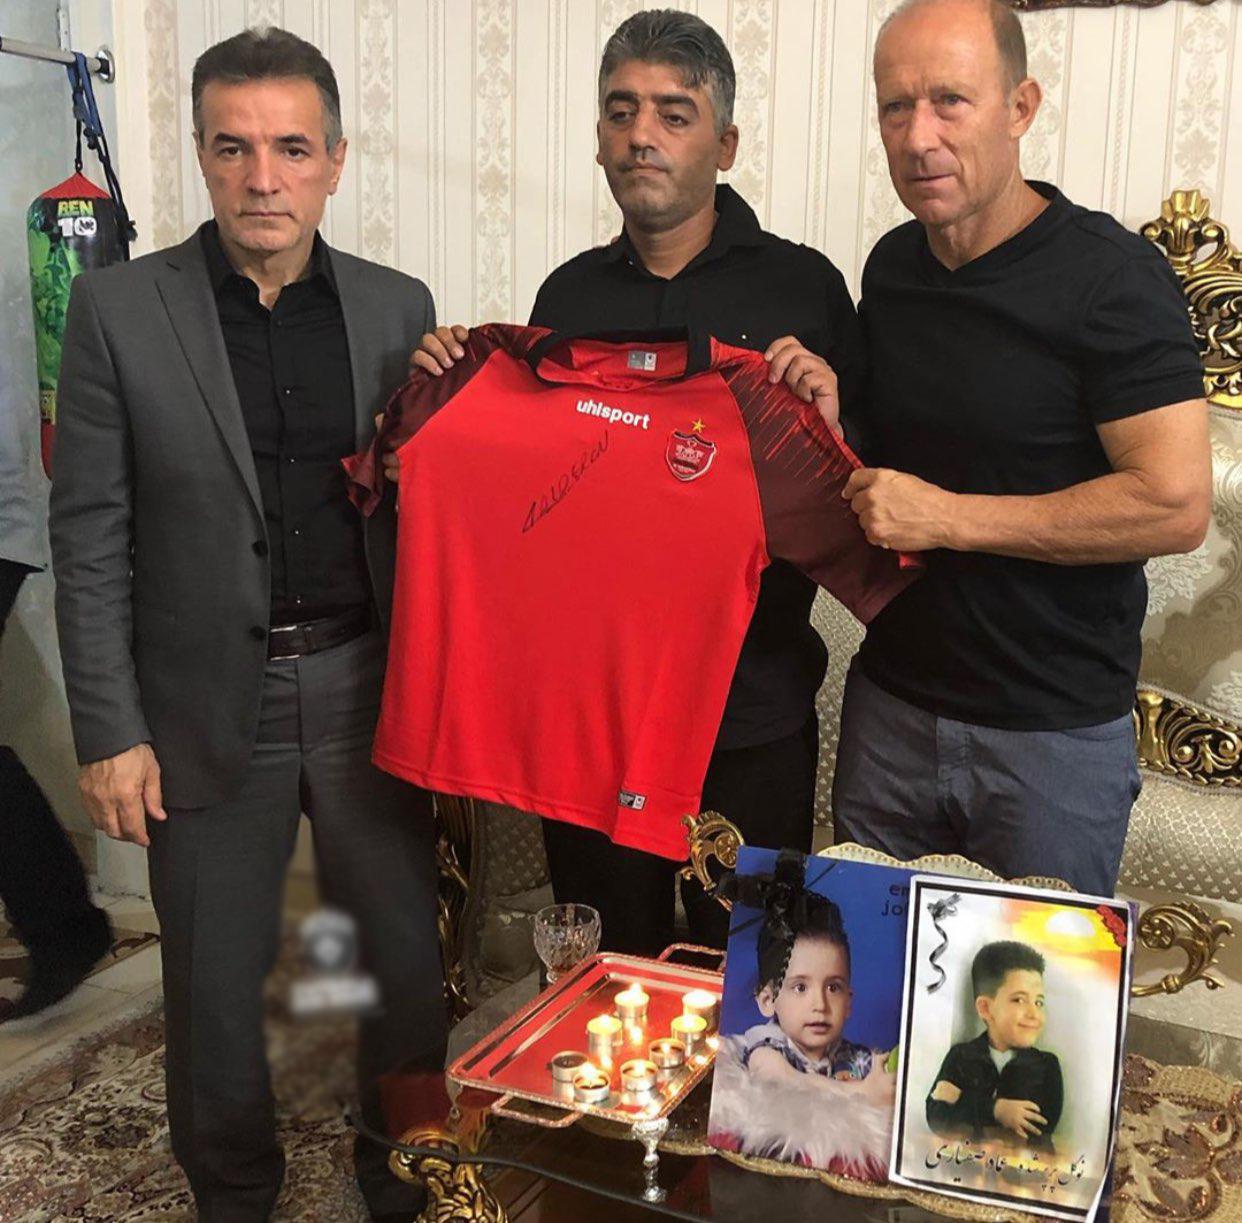 عماد ؛ حضور انصاری فرد و کالدرون در منزل خانواده صفیاری ؛ خبرگزاری پارس فوتبال